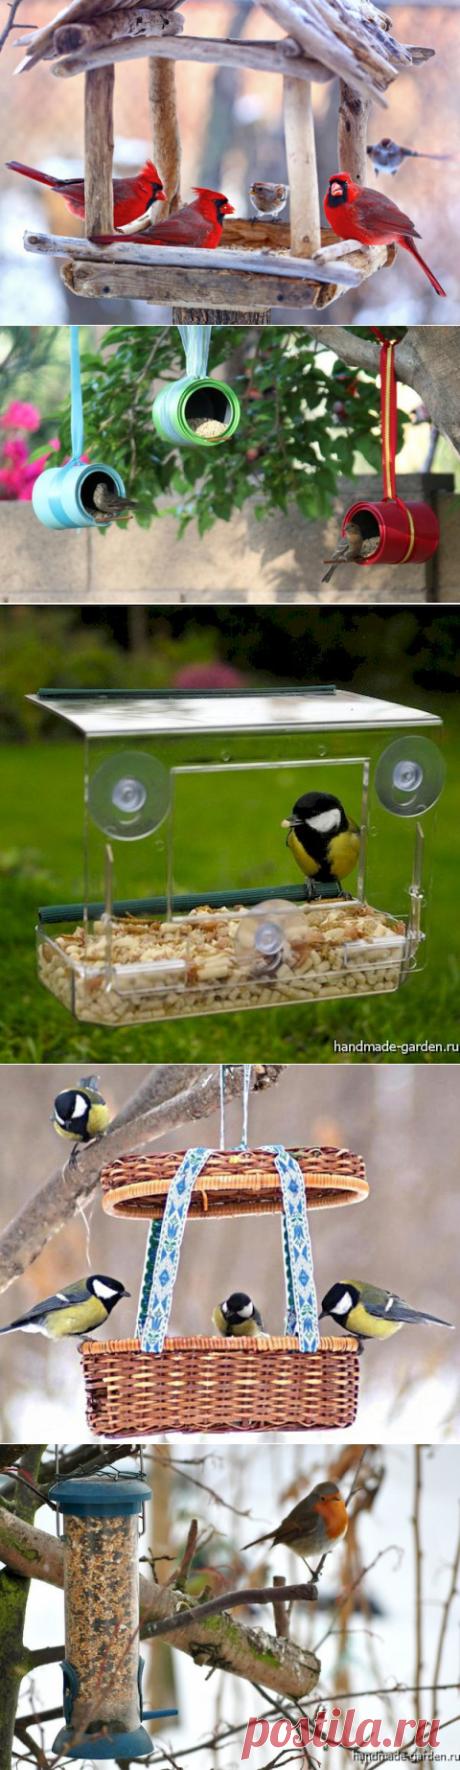 Отличные идеи птичьих кормушек. Много фото кормушек для птиц